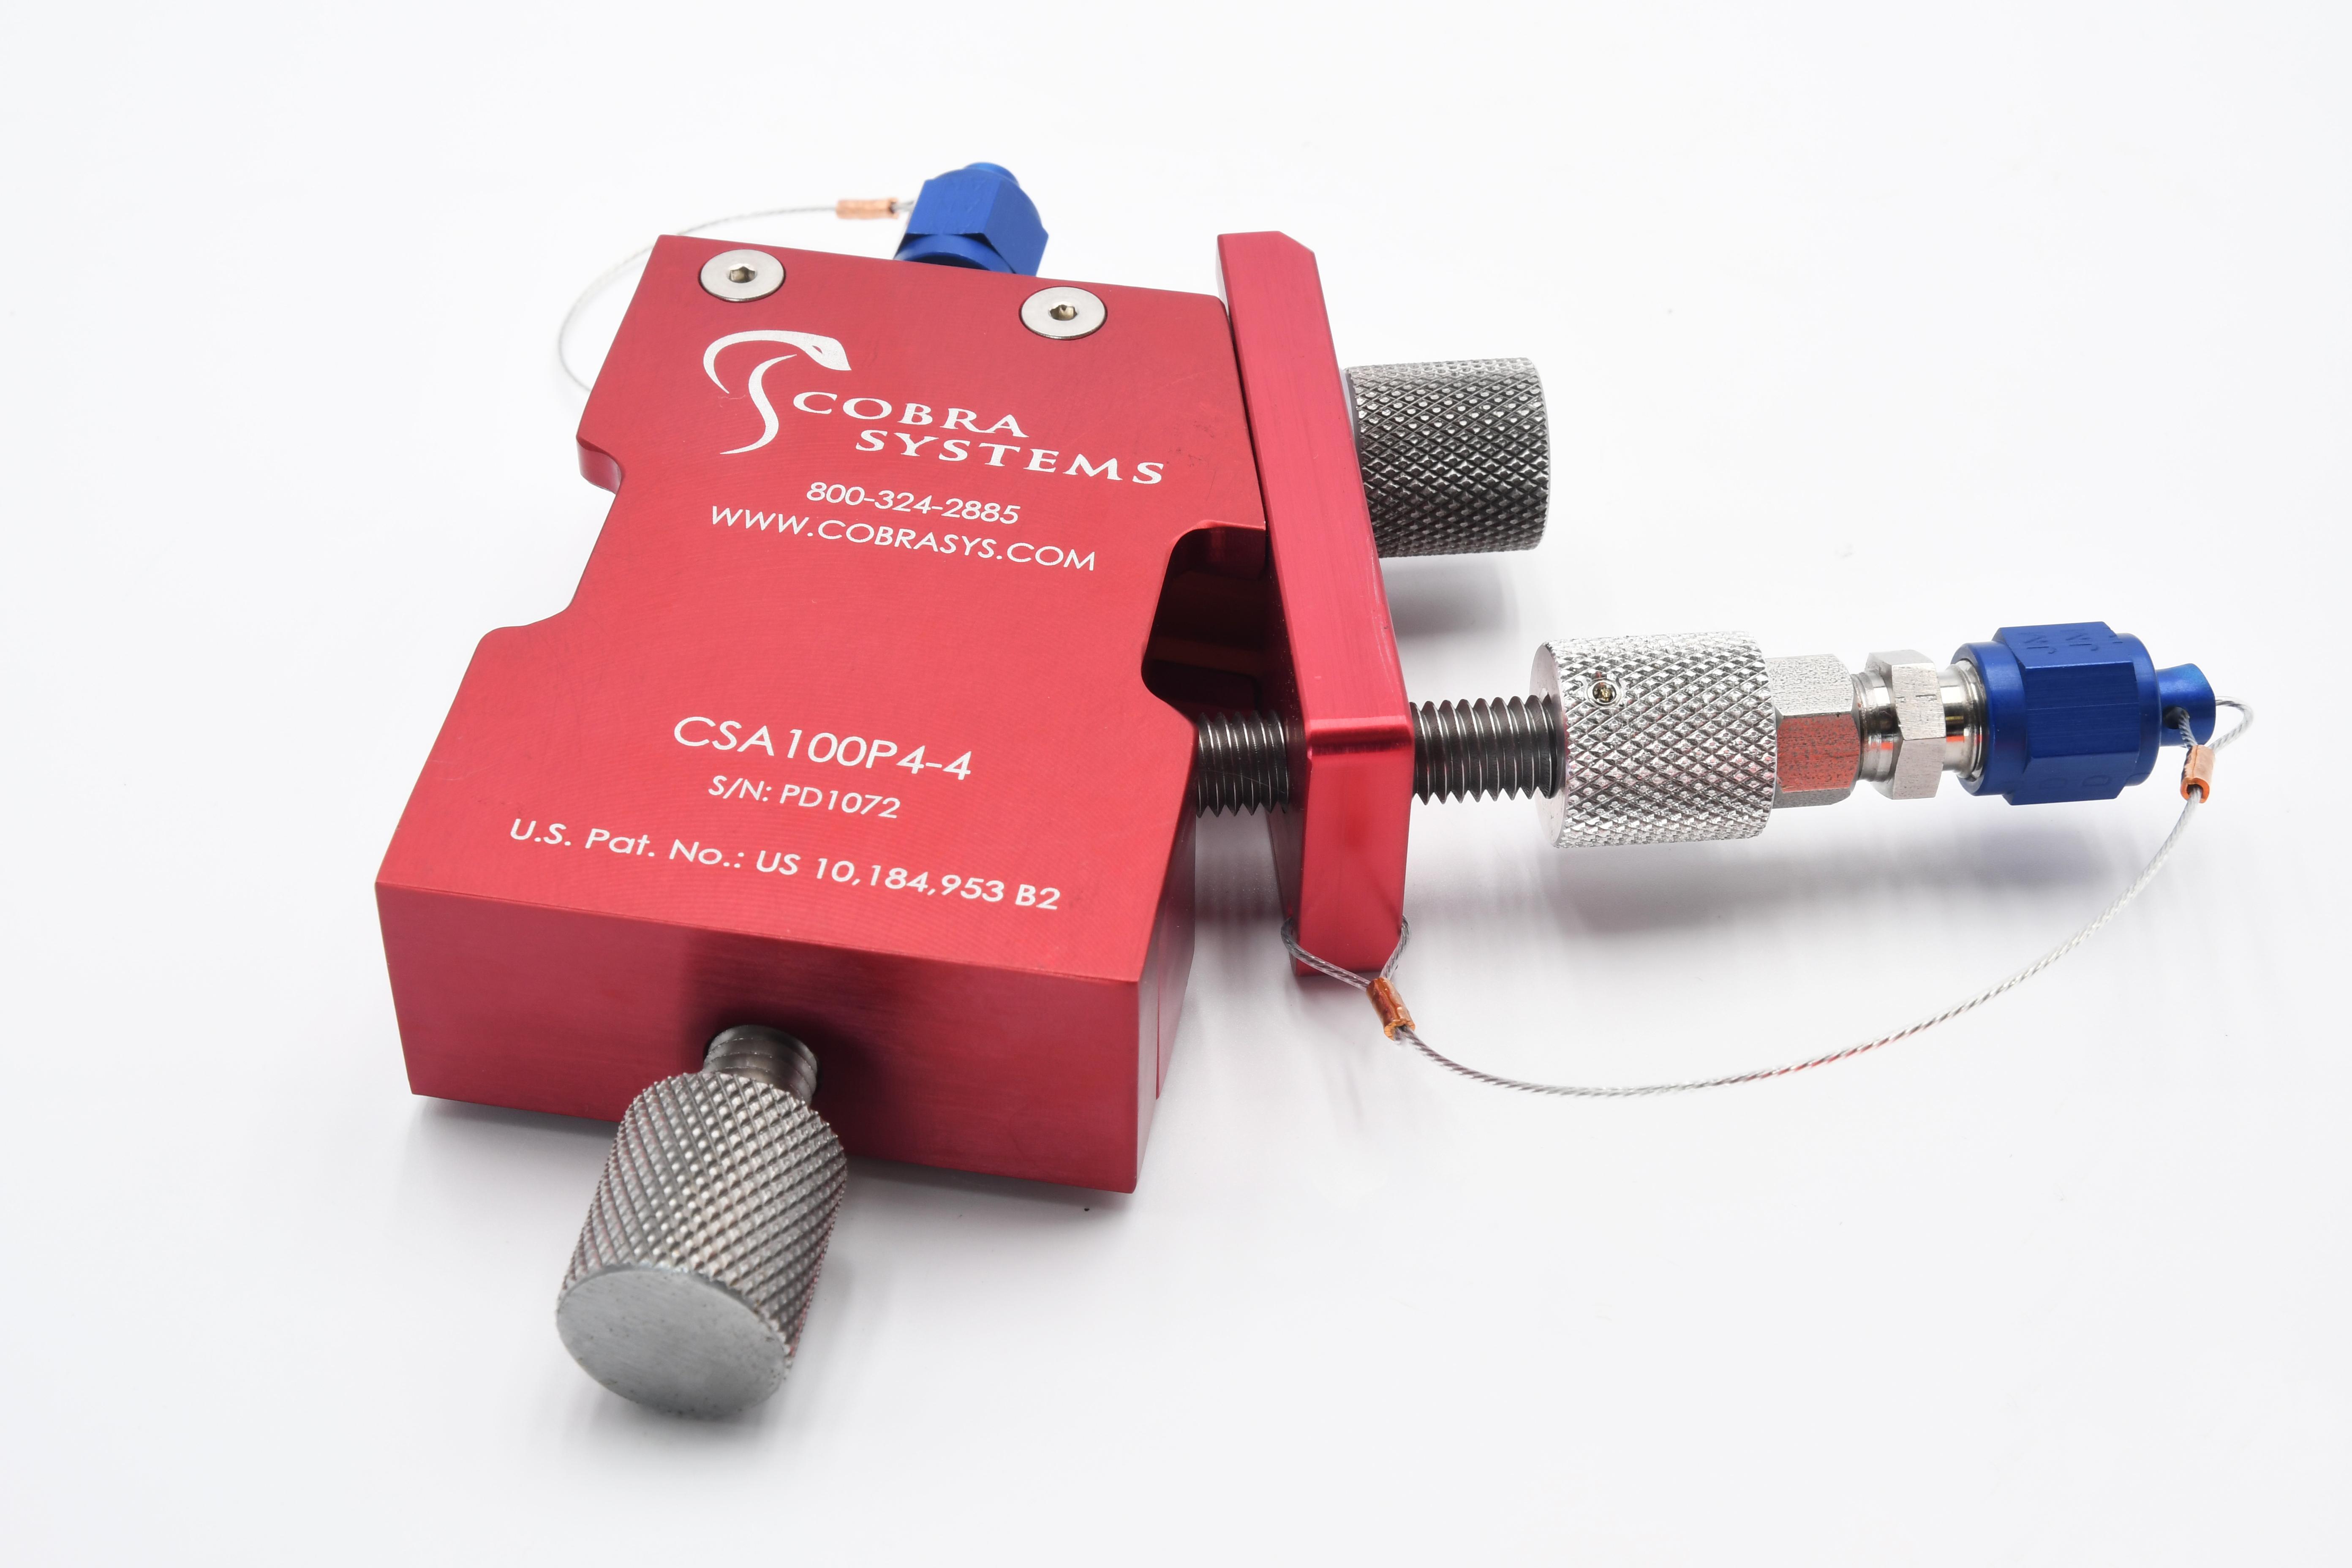 cobrasystem-pitot-adapter-red